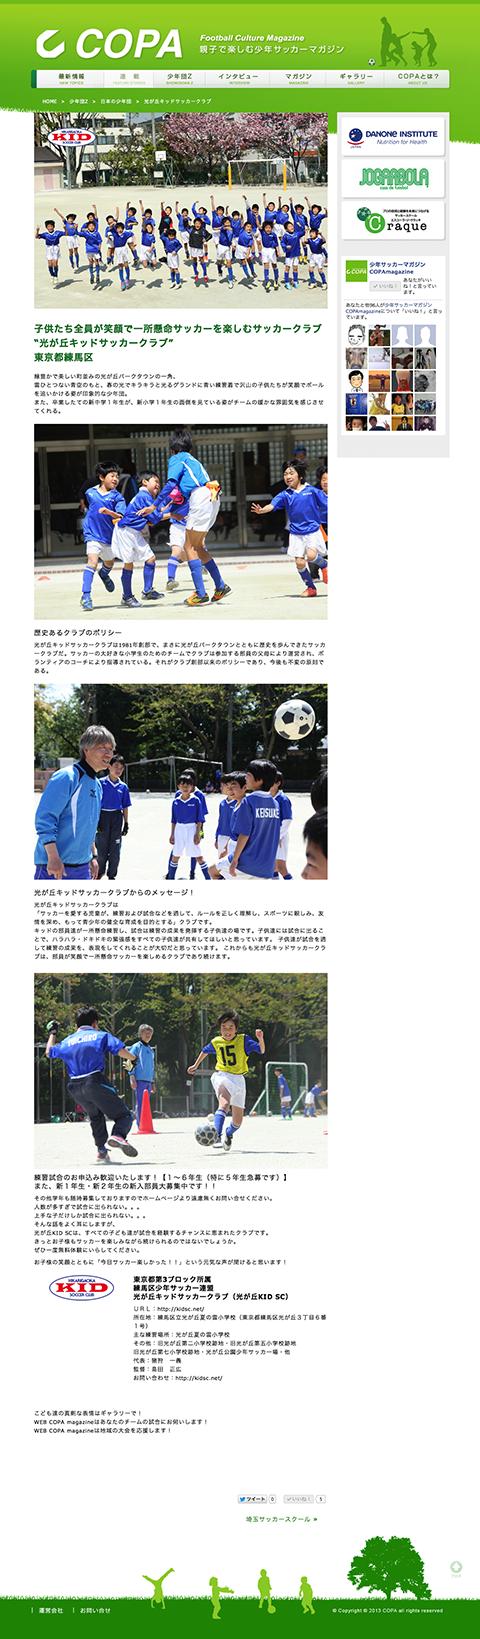 光が丘キッドサッカークラブ « COPA MAGAZINE | コパマガジン 親子で楽しむ少年サッカーマガジン (20130418)